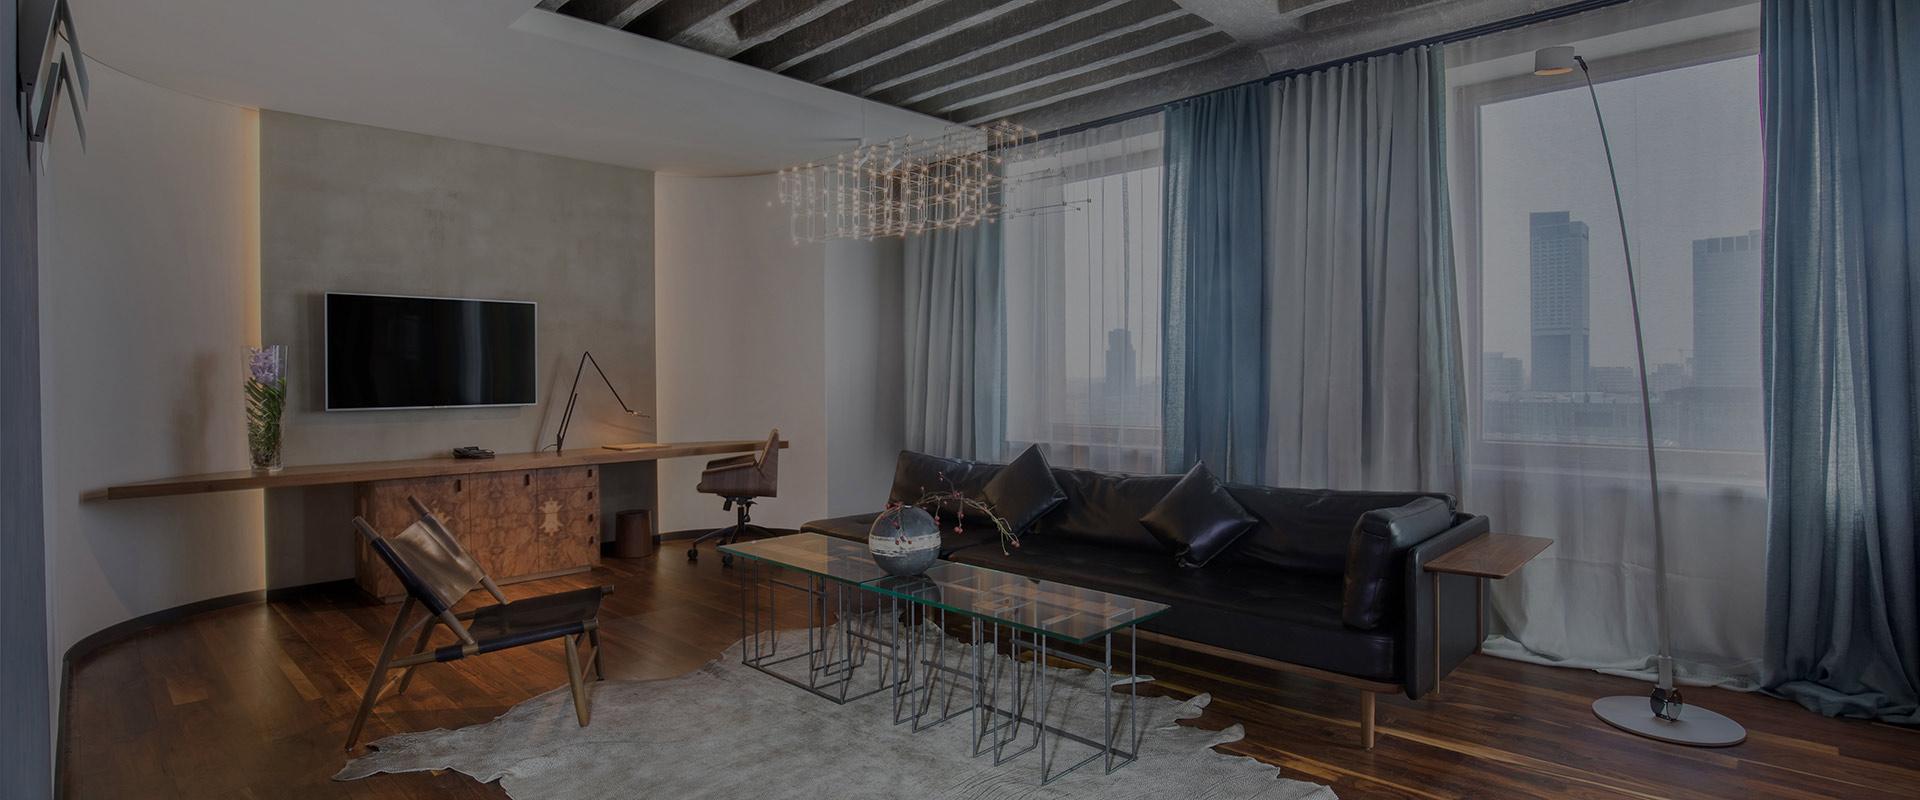 Hotel-warszawa-pieciogwiazkowy-hotel-w-centrum-warszawy-apartamenty-lux